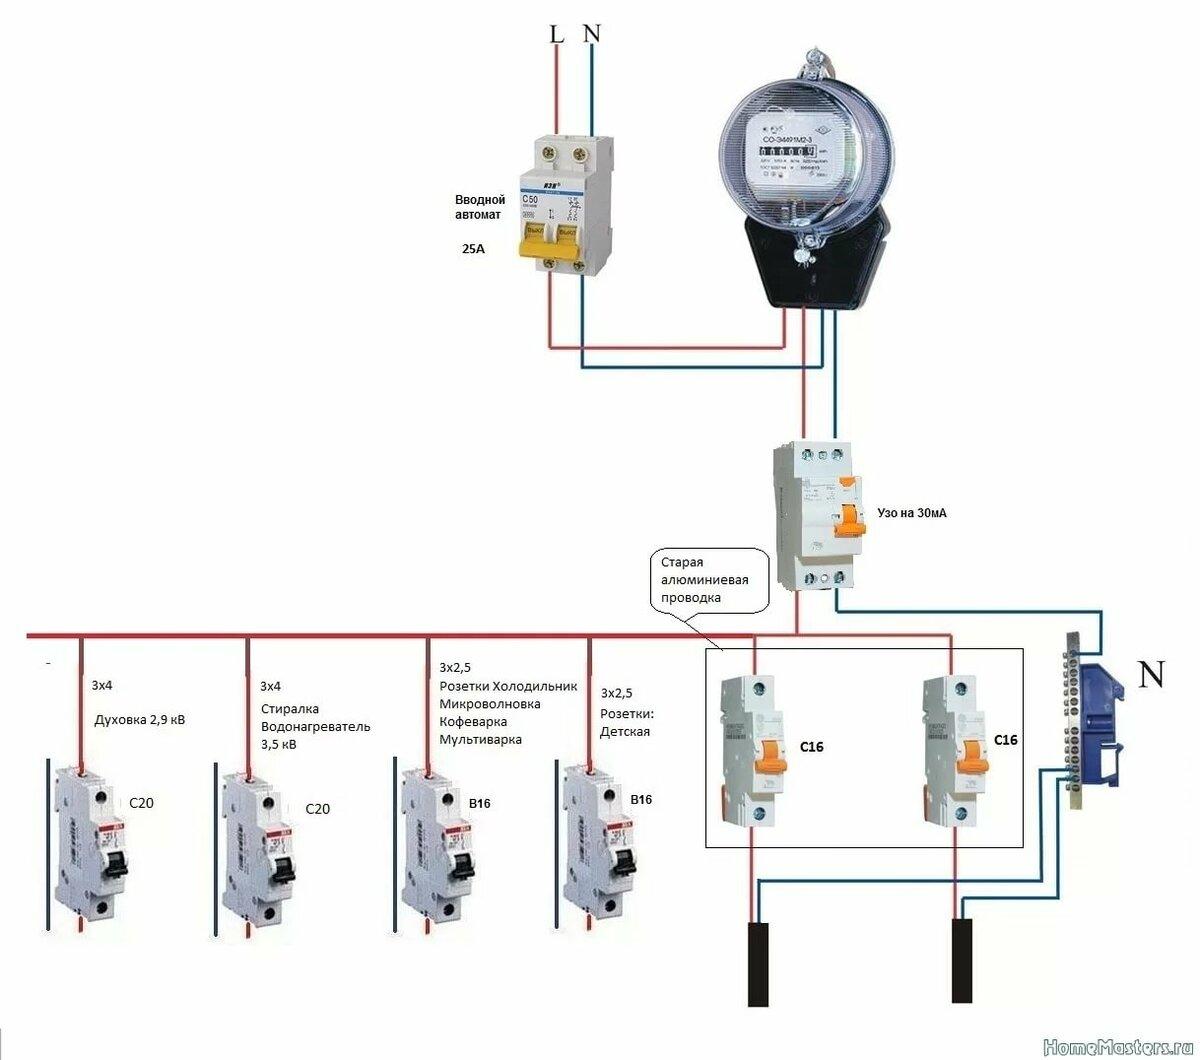 Замена электропроводки в квартире – как заменить проводку своими руками